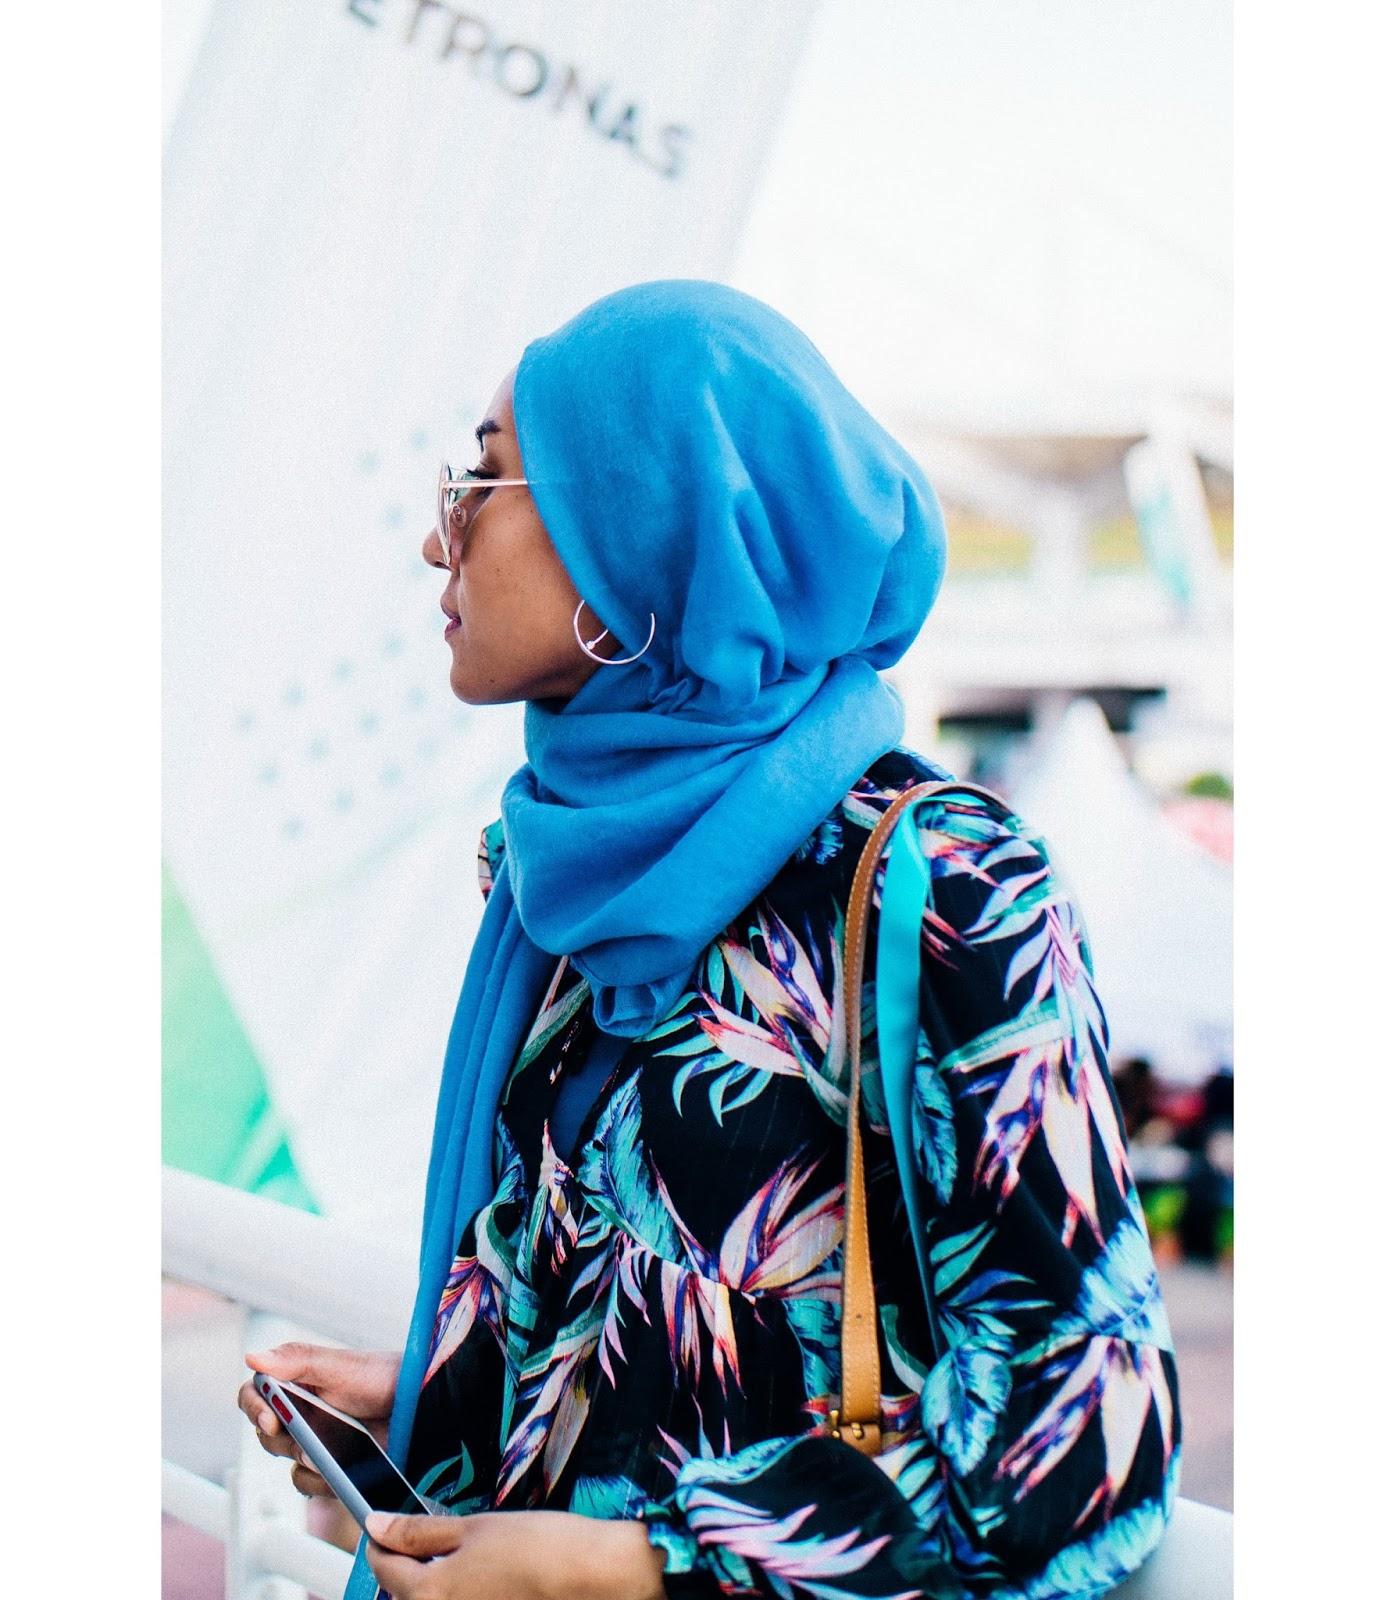 Wearing hijab with hoop earrings